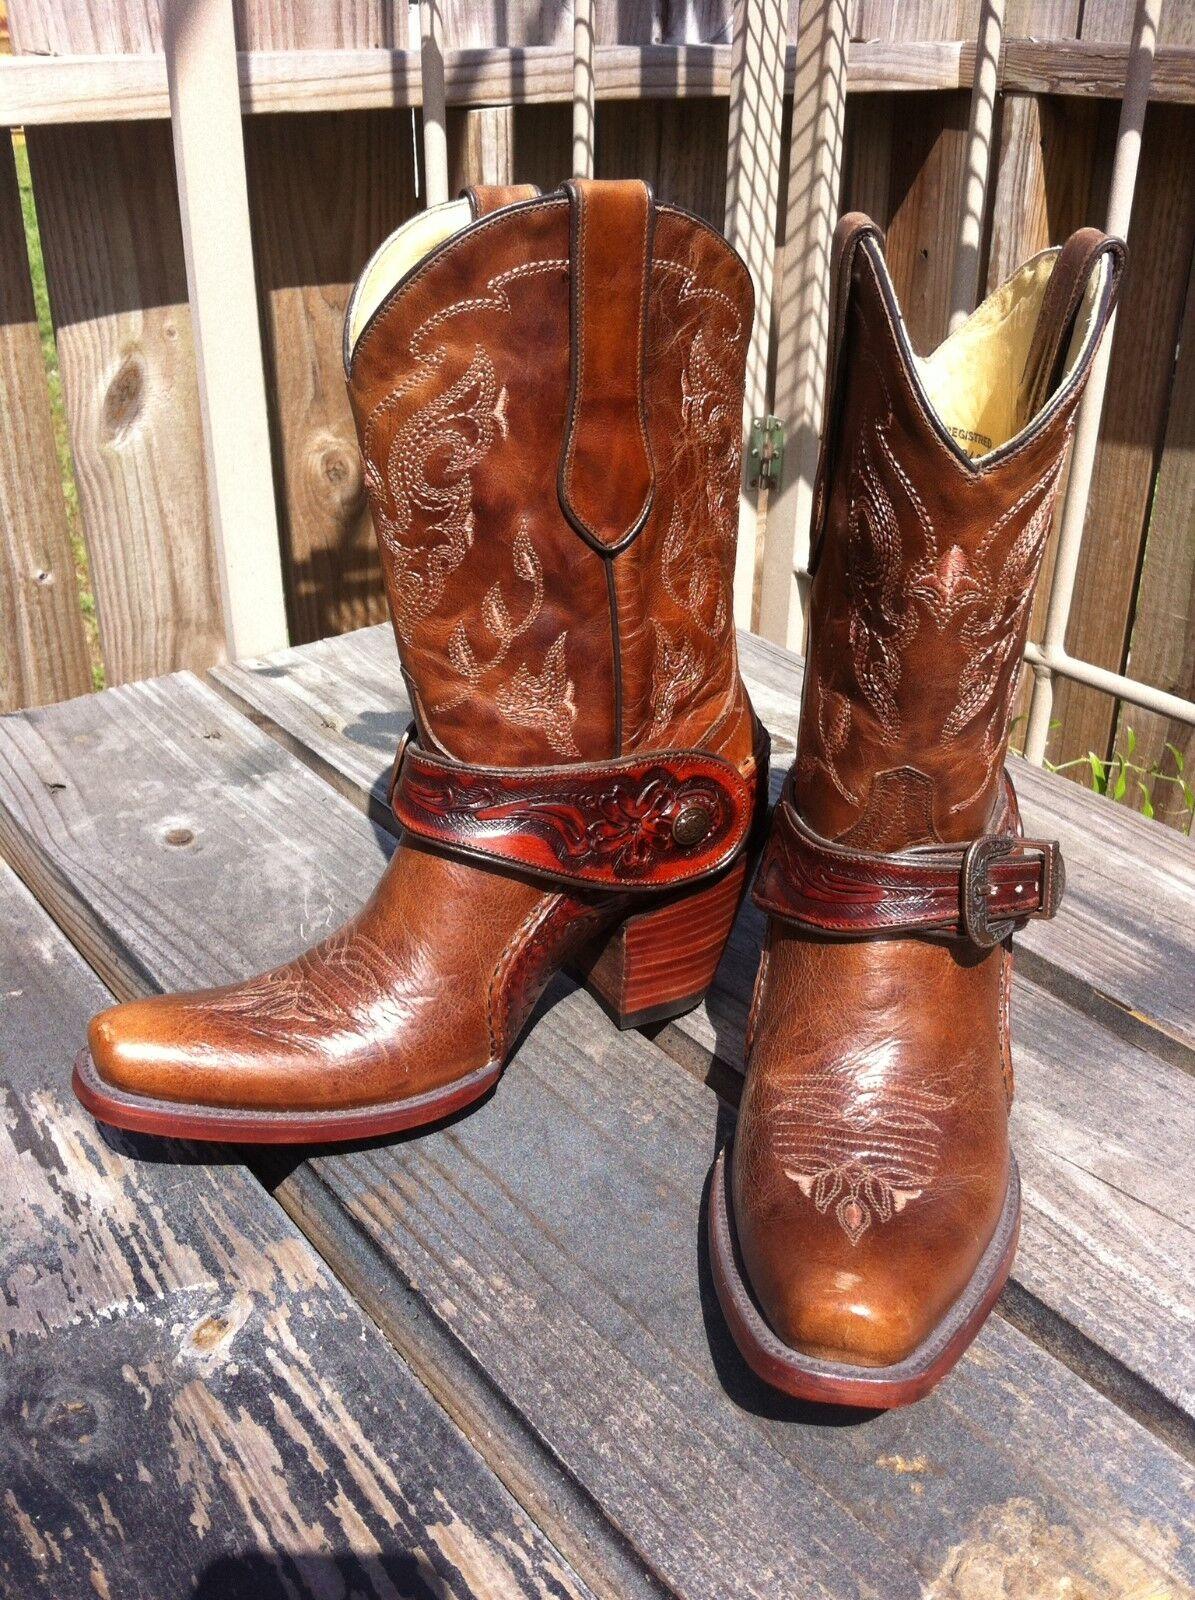 Corral botas G1907 Dorado para Señoras Saltillo Marrón Marrón Marrón Cuero Occidental Arnés fijo  popular